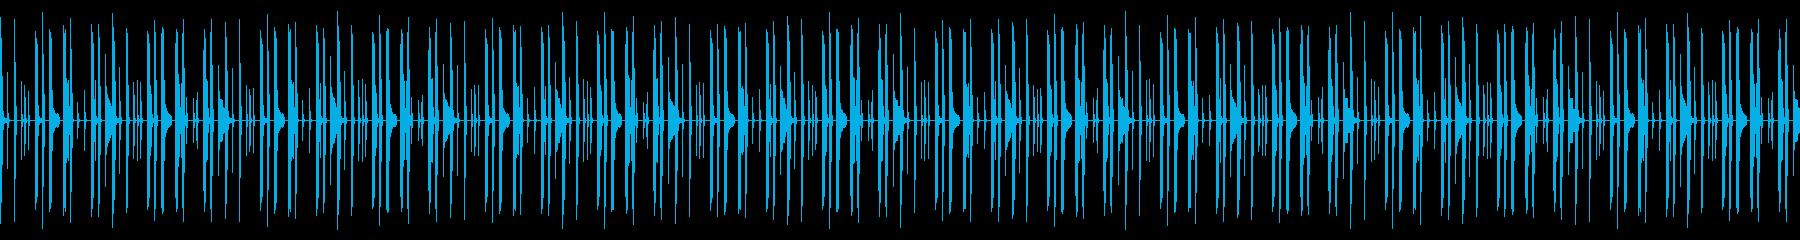 ドラムのみのドライな打ち込みリズムループの再生済みの波形